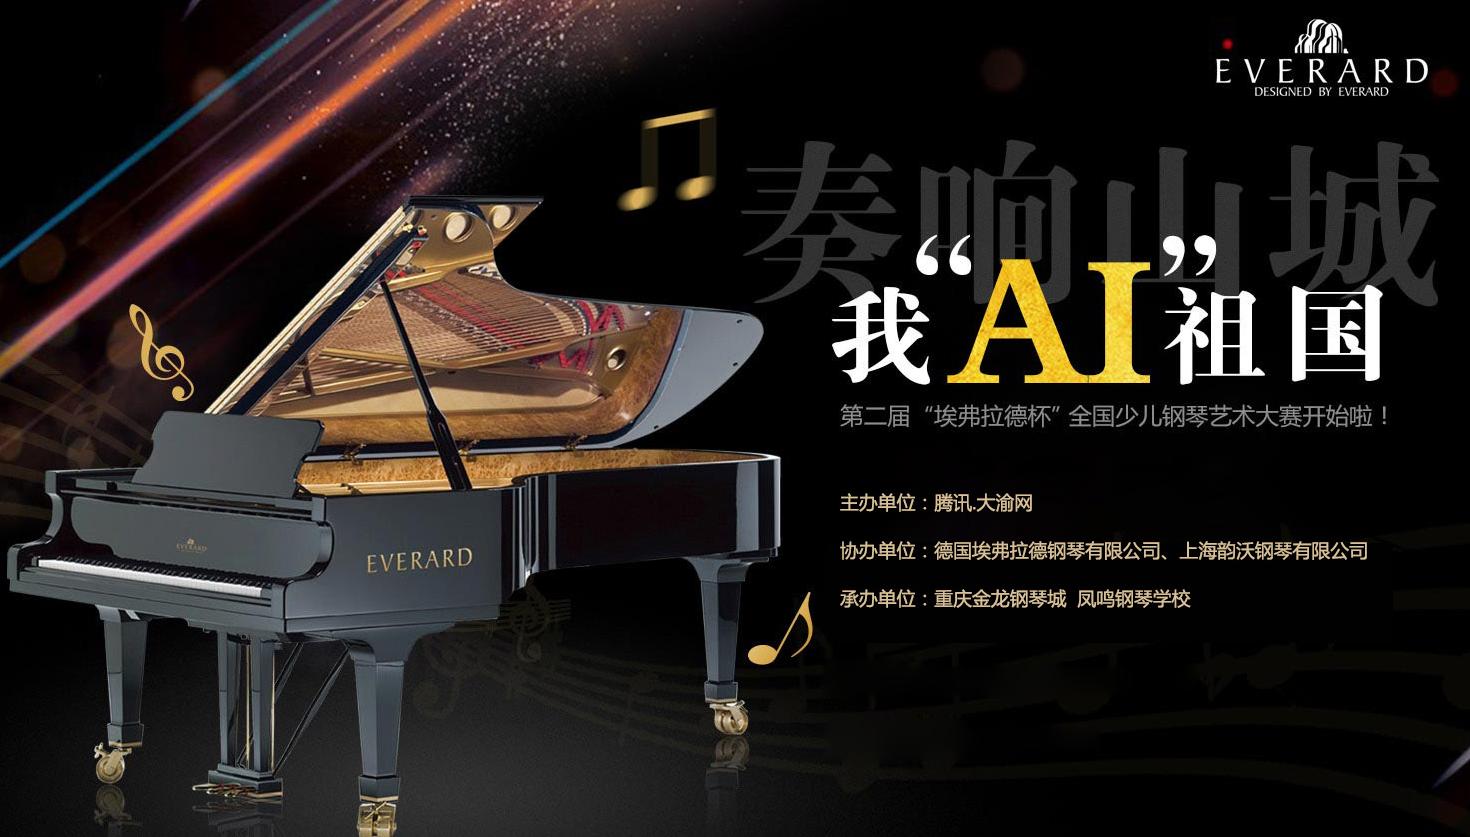 """第二届""""埃弗拉德杯""""钢琴大赛火热报名中"""